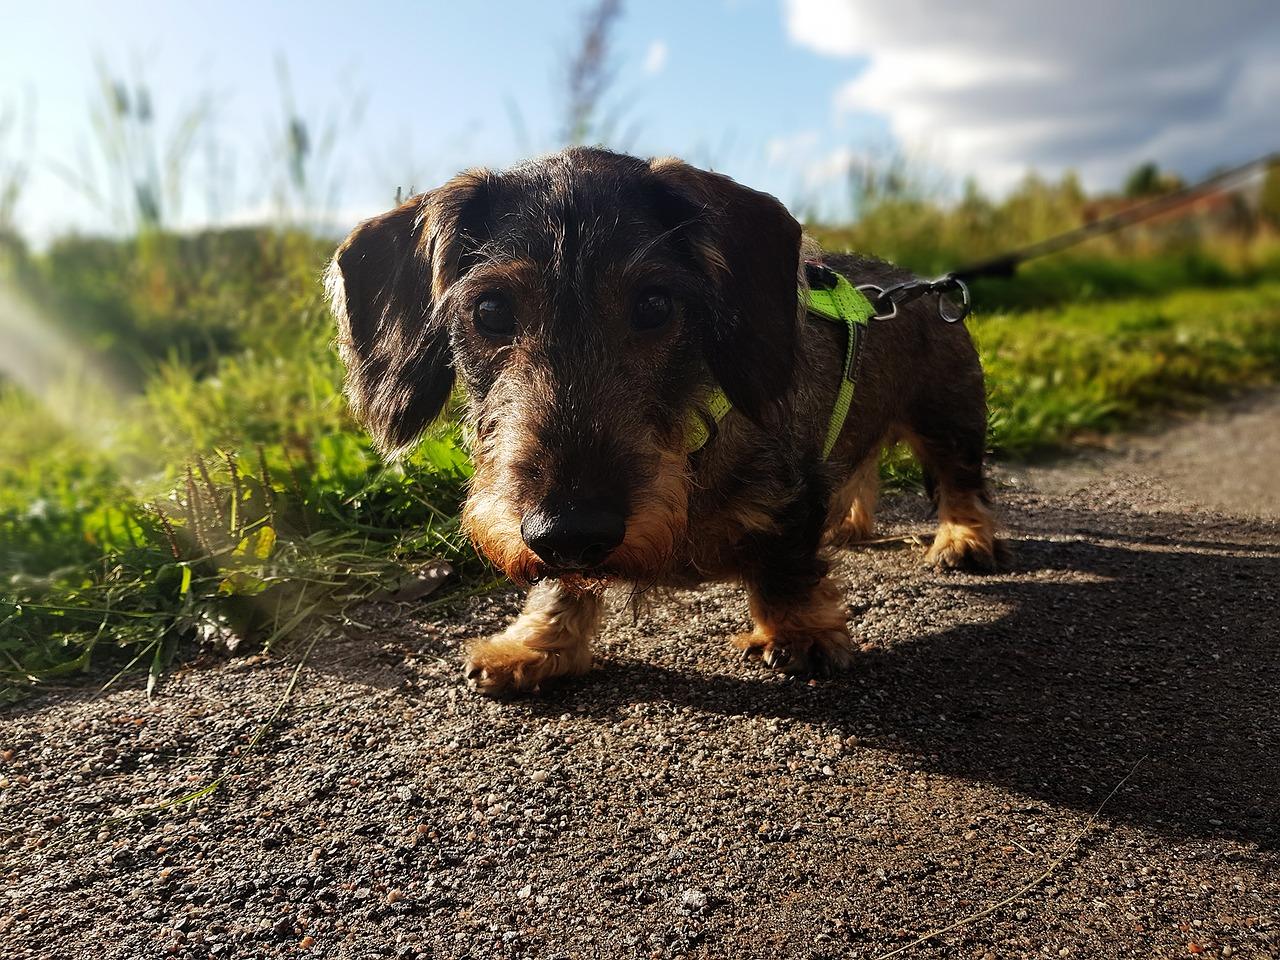 dog back pain, dog back injury, dachshund, dog rehab, dog treatment, dog rehabilitation, dog osteopathy